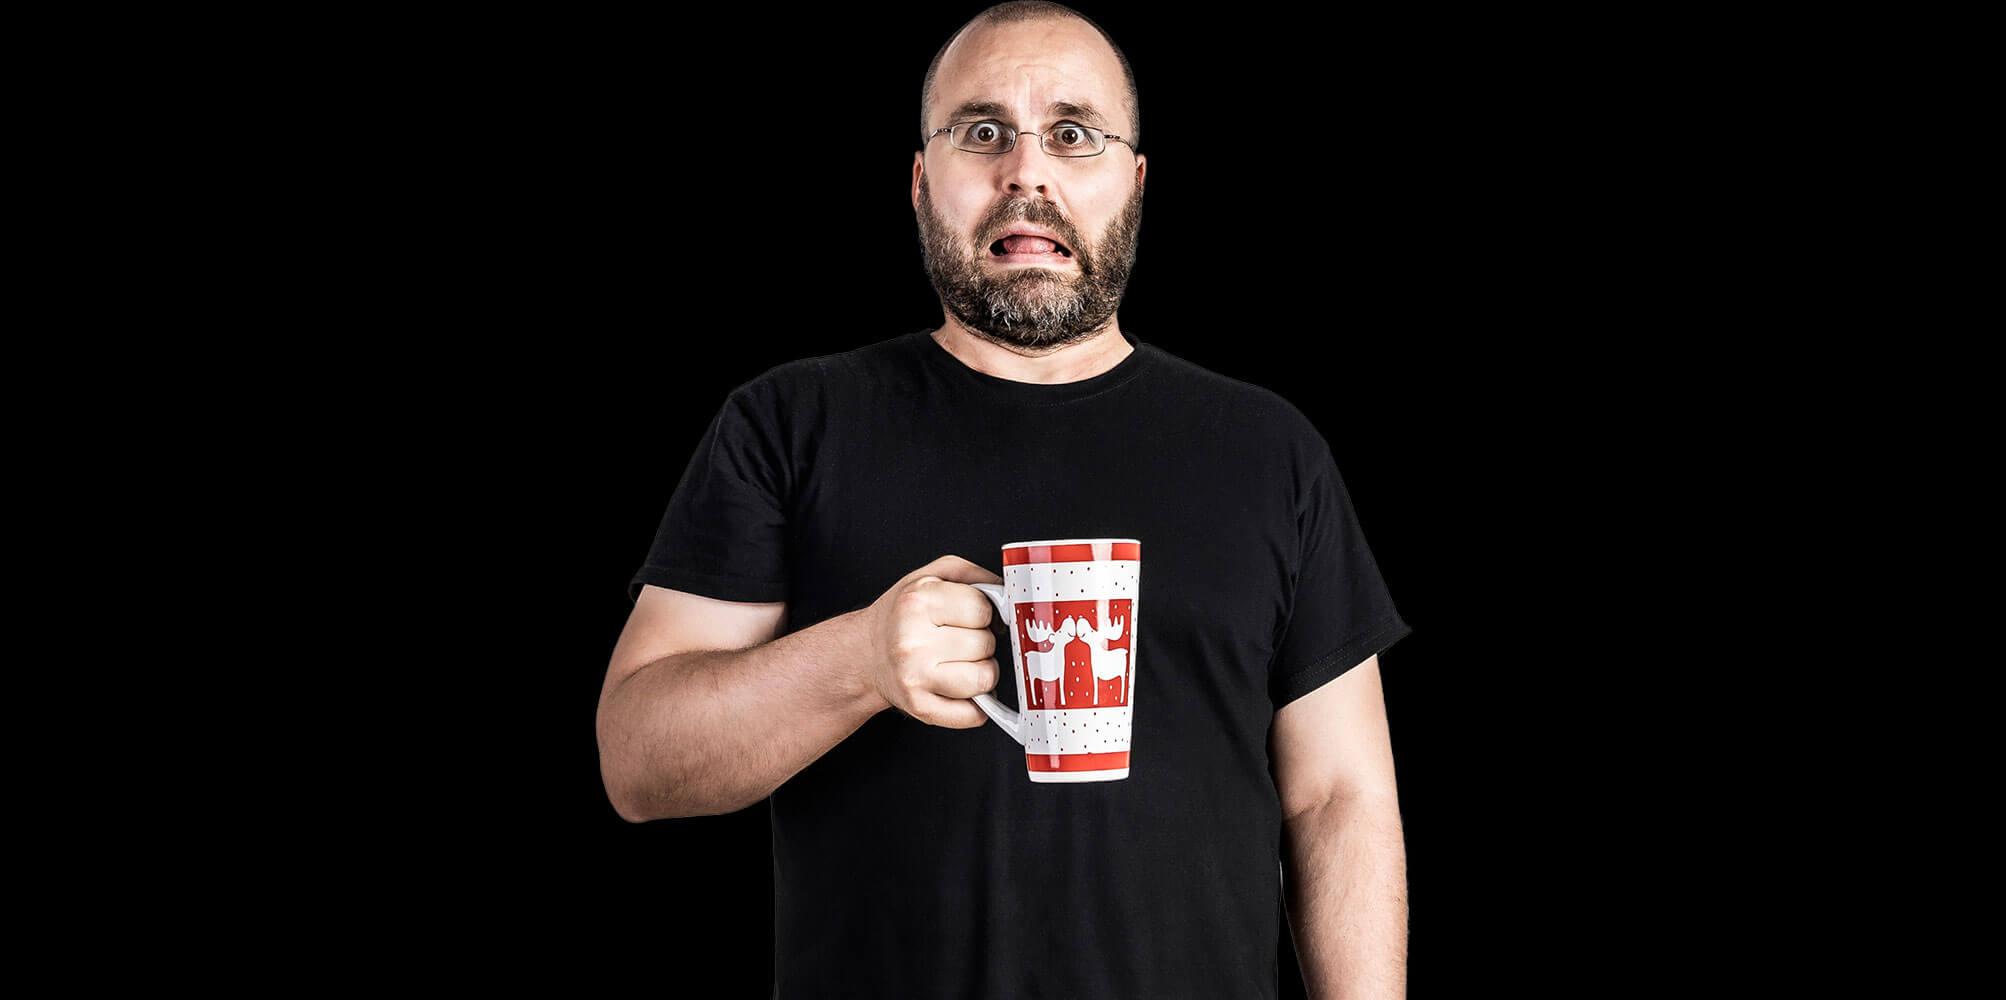 Matthias Gottwald hat eine Kaffeetasse in der Hand und zieht eine lustige Grimasse.